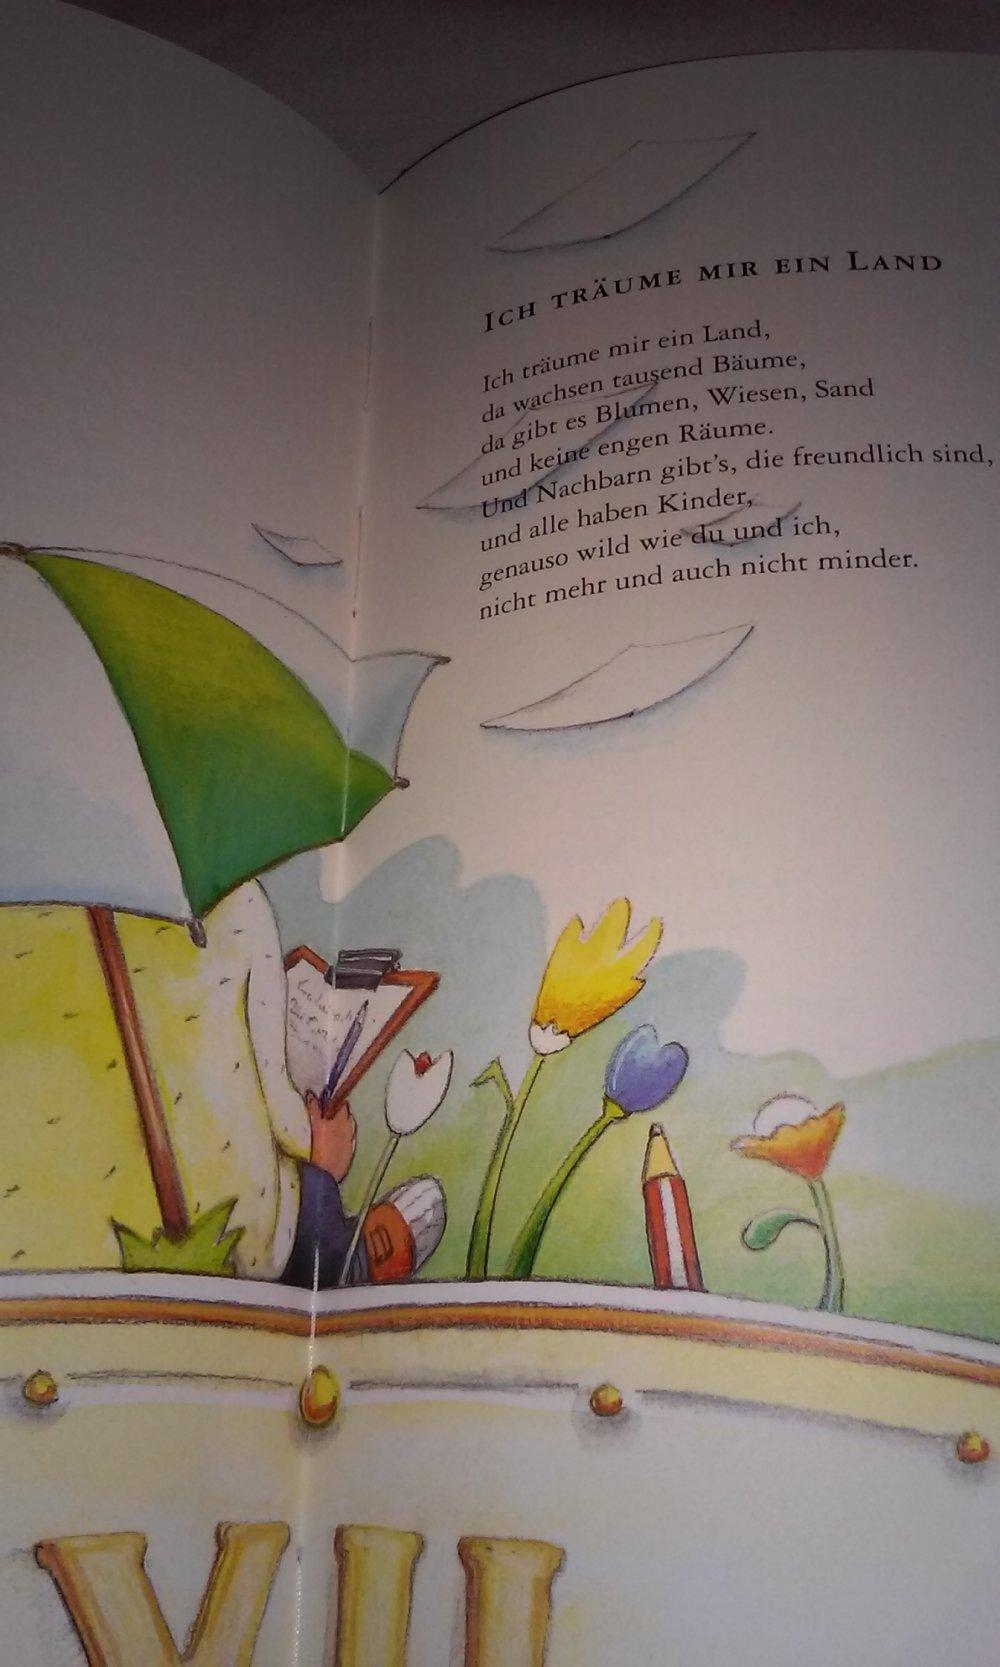 Gedicht über träume für kinder